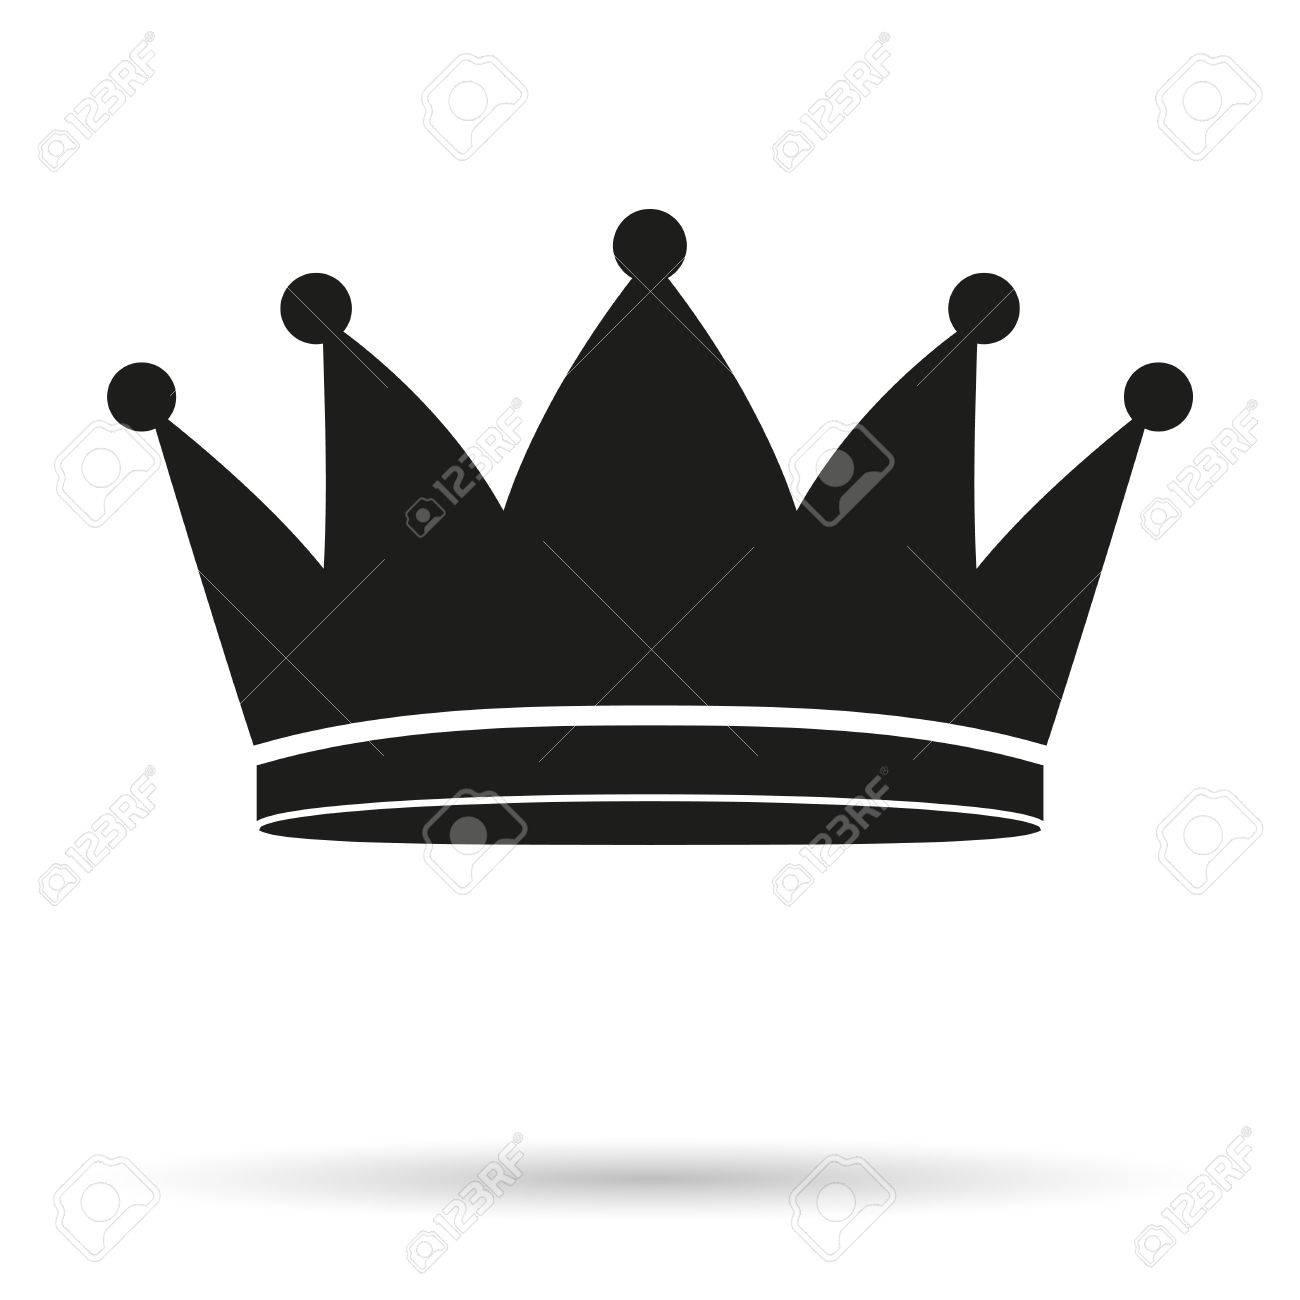 Silueta Simple Símbolo De La Clásica Rey Corona Real Ilustración Y